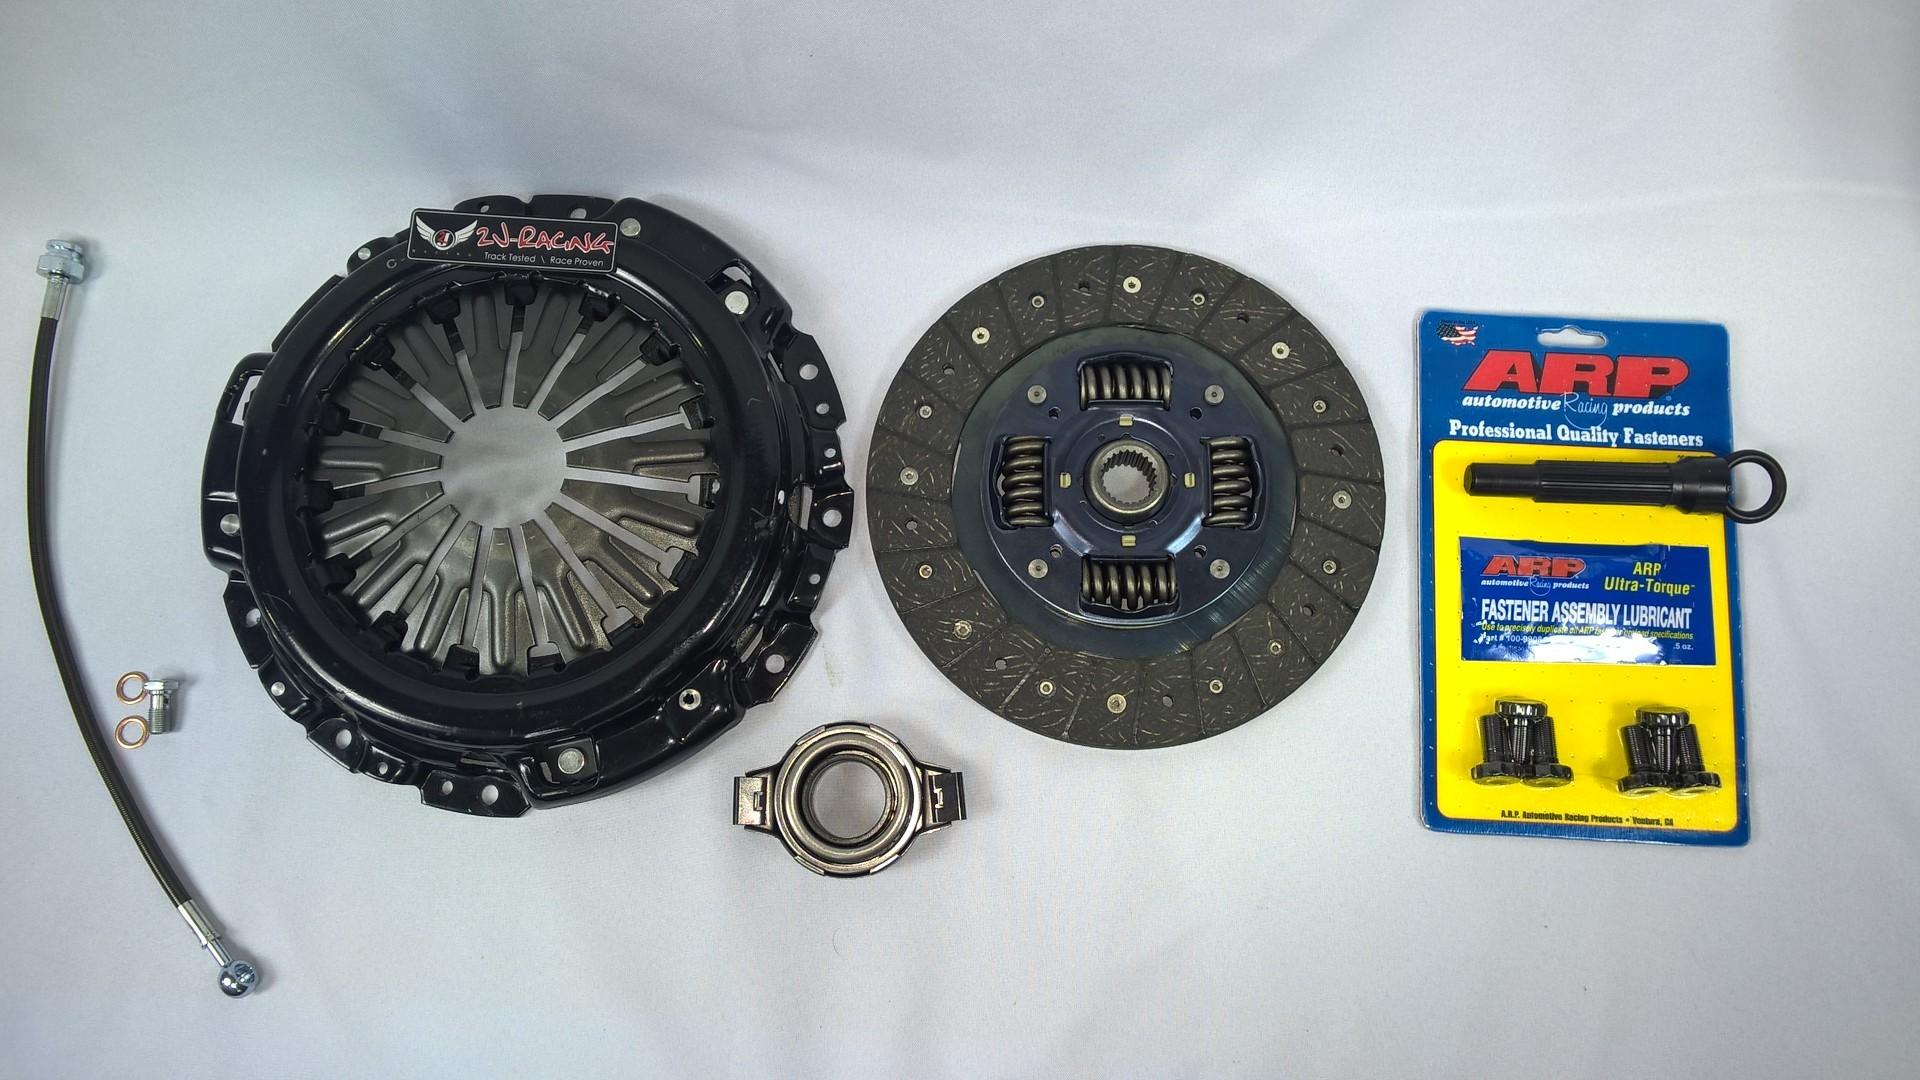 2JR Stage I Clutch Kit, OEM Stock Upgrade (275whp) - QR25DE